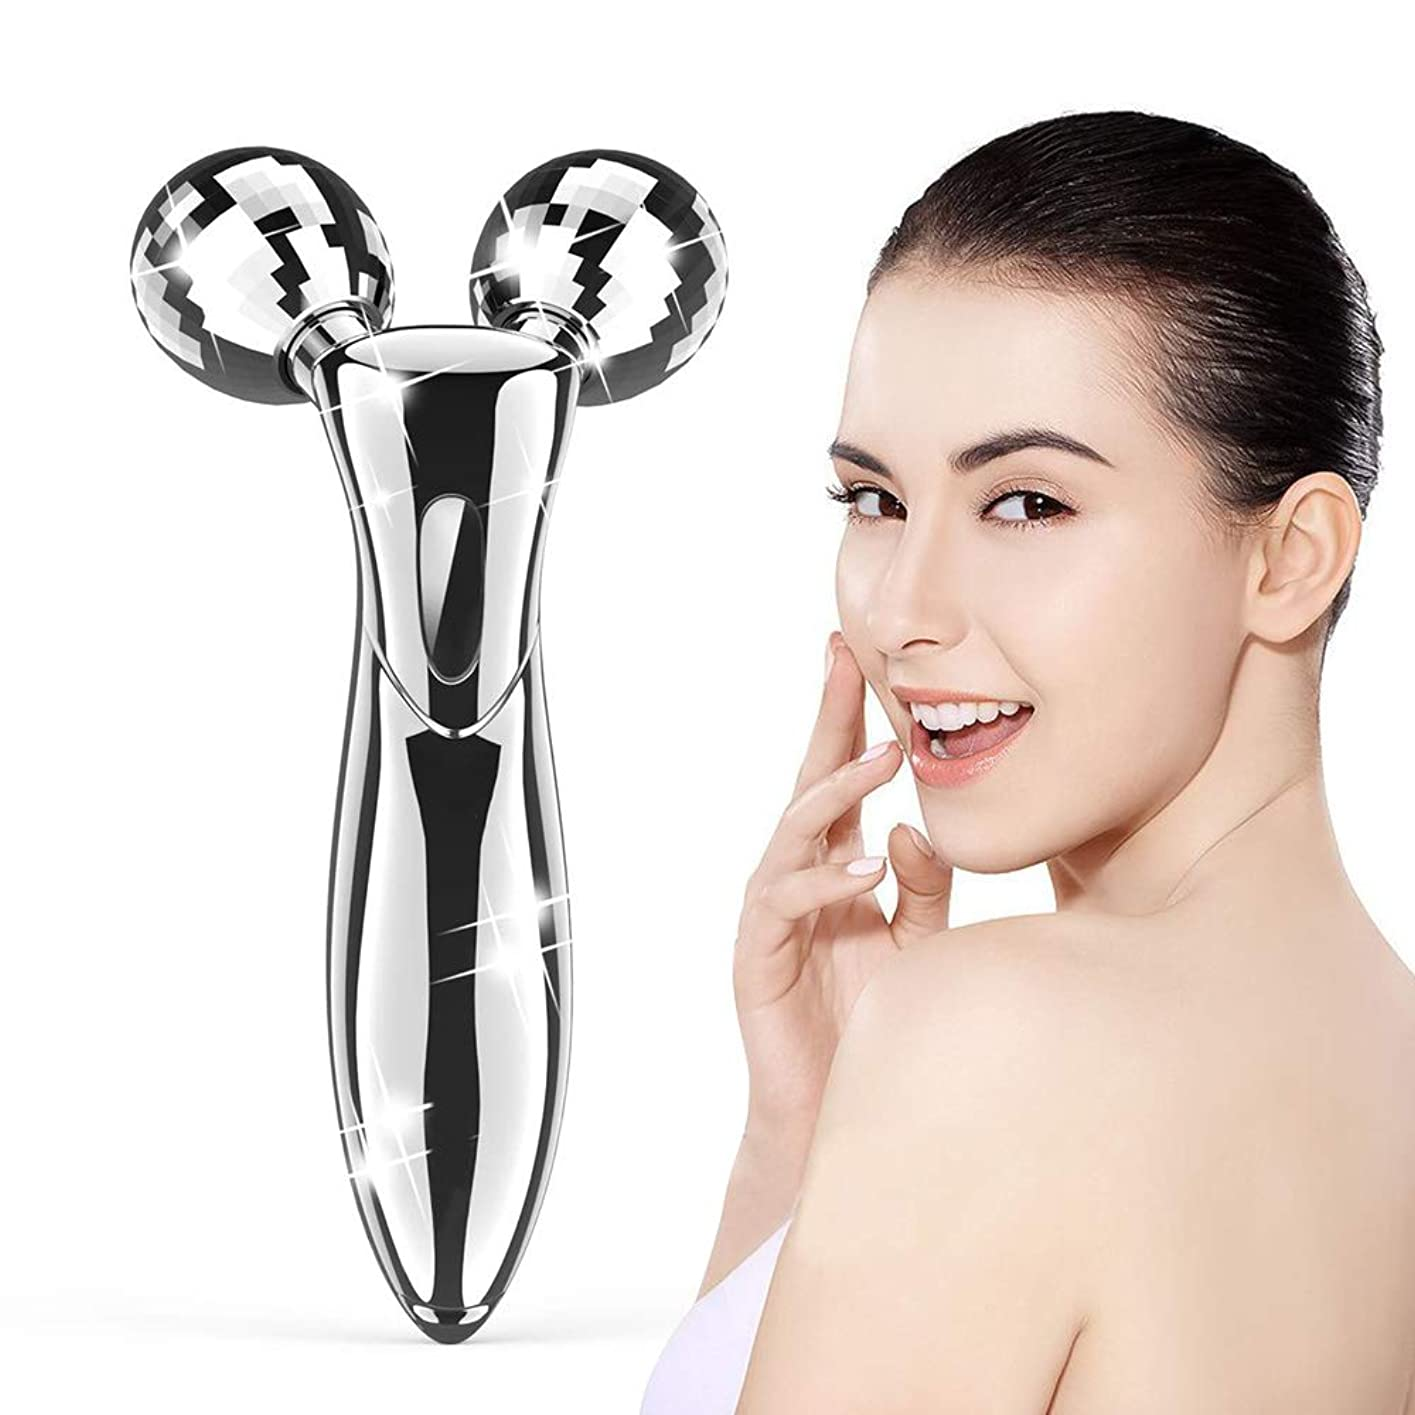 活気づくバンジョー離婚美容ローラー 美顔ローラー フェイスローラー 美顔器 V字型 マイクロカレント マッサージローラー 3D ボディーローラー 充電不要 ほうれい線改善 防水 ギフト